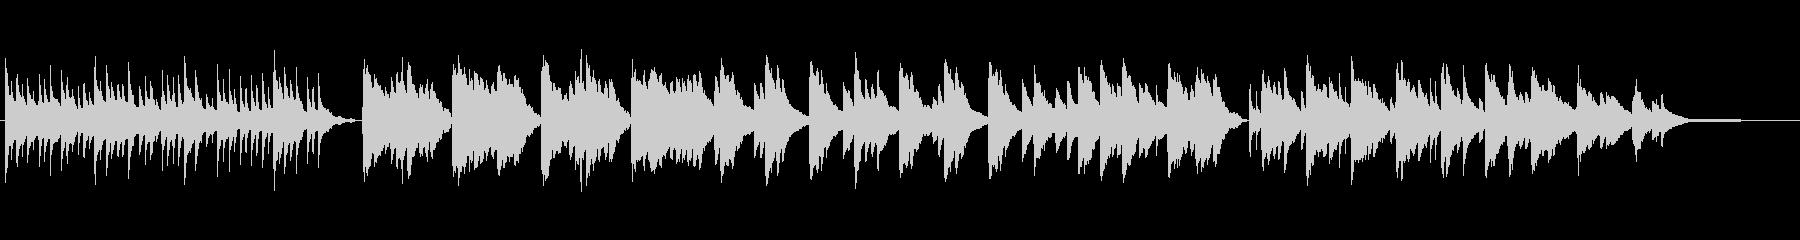 センチメンタルなピアノソロ曲の未再生の波形